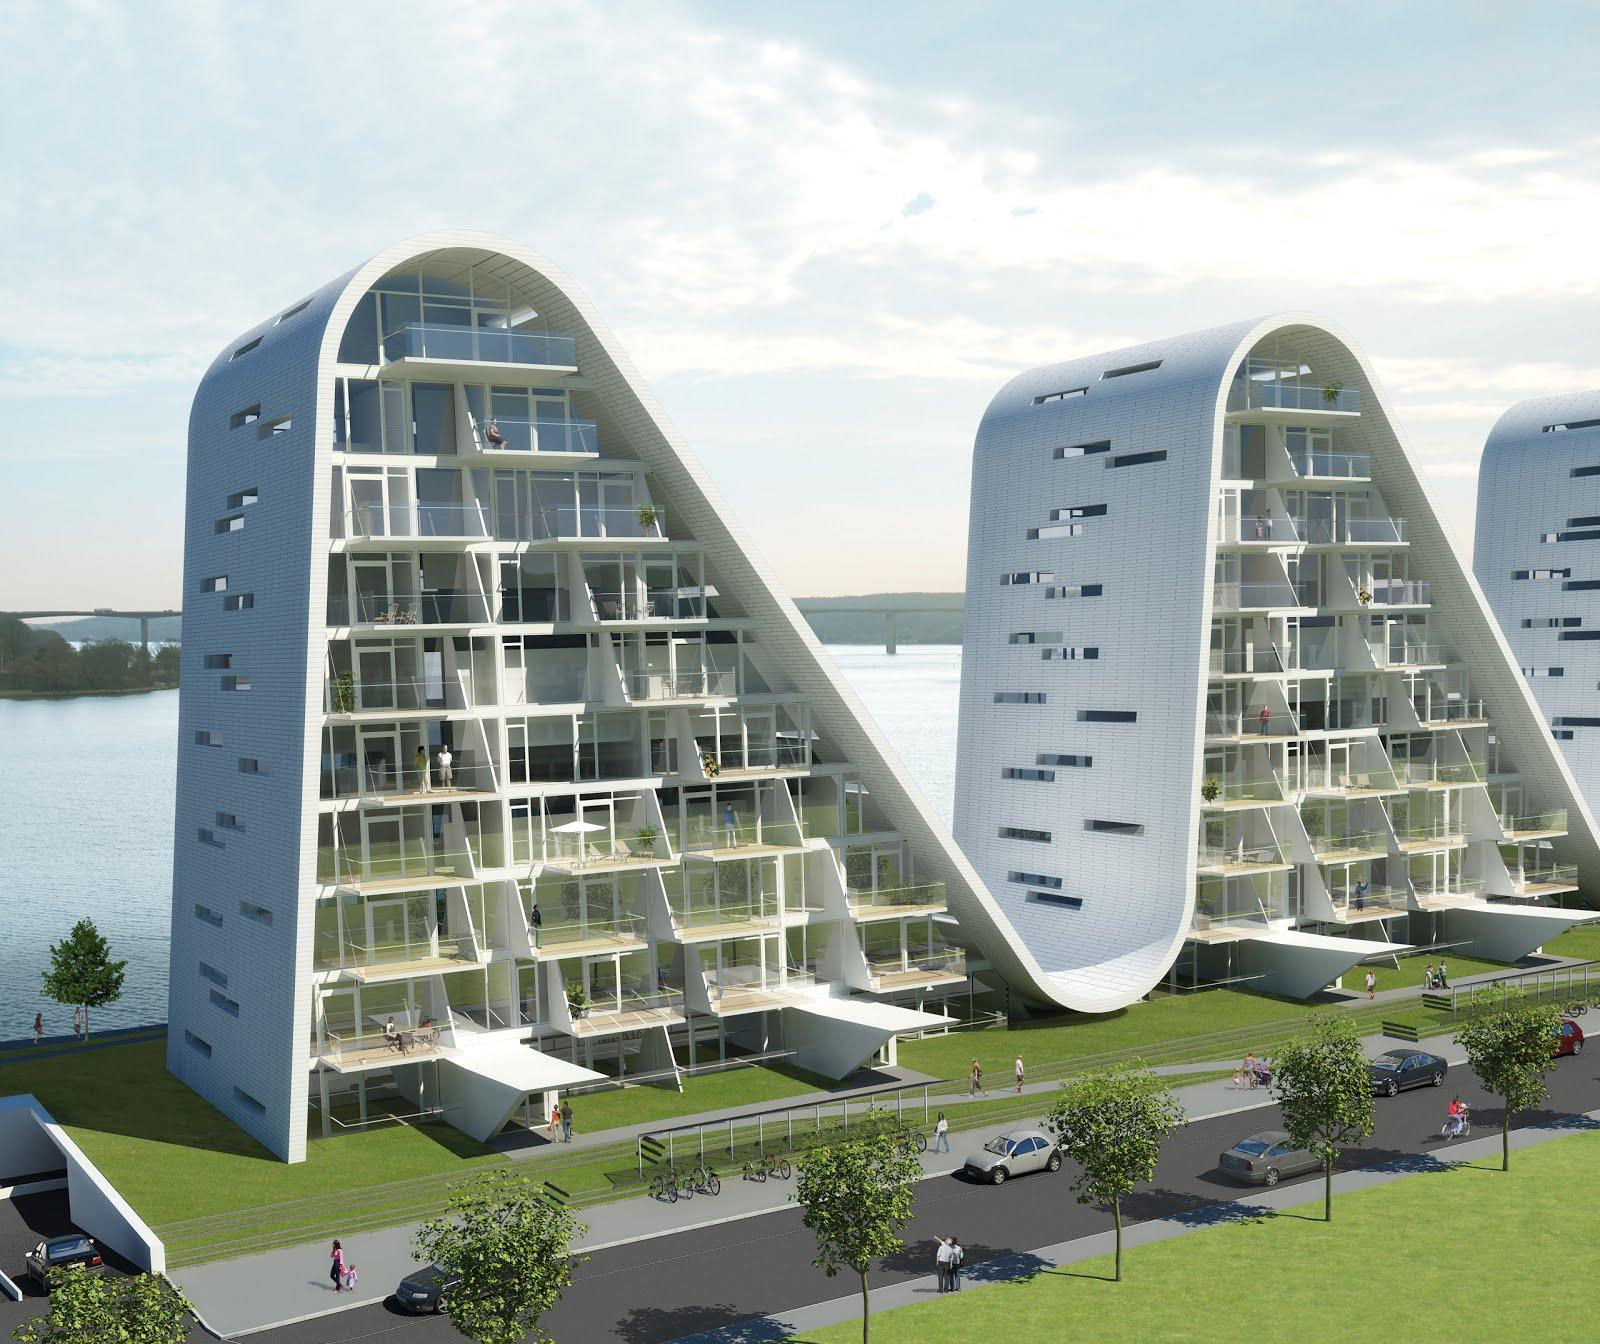 Desain Rumah 3d: PRINSIP-PRINSIP DESAIN ARSITEKTUR: PRINSIP-PRINSIP DESAIN